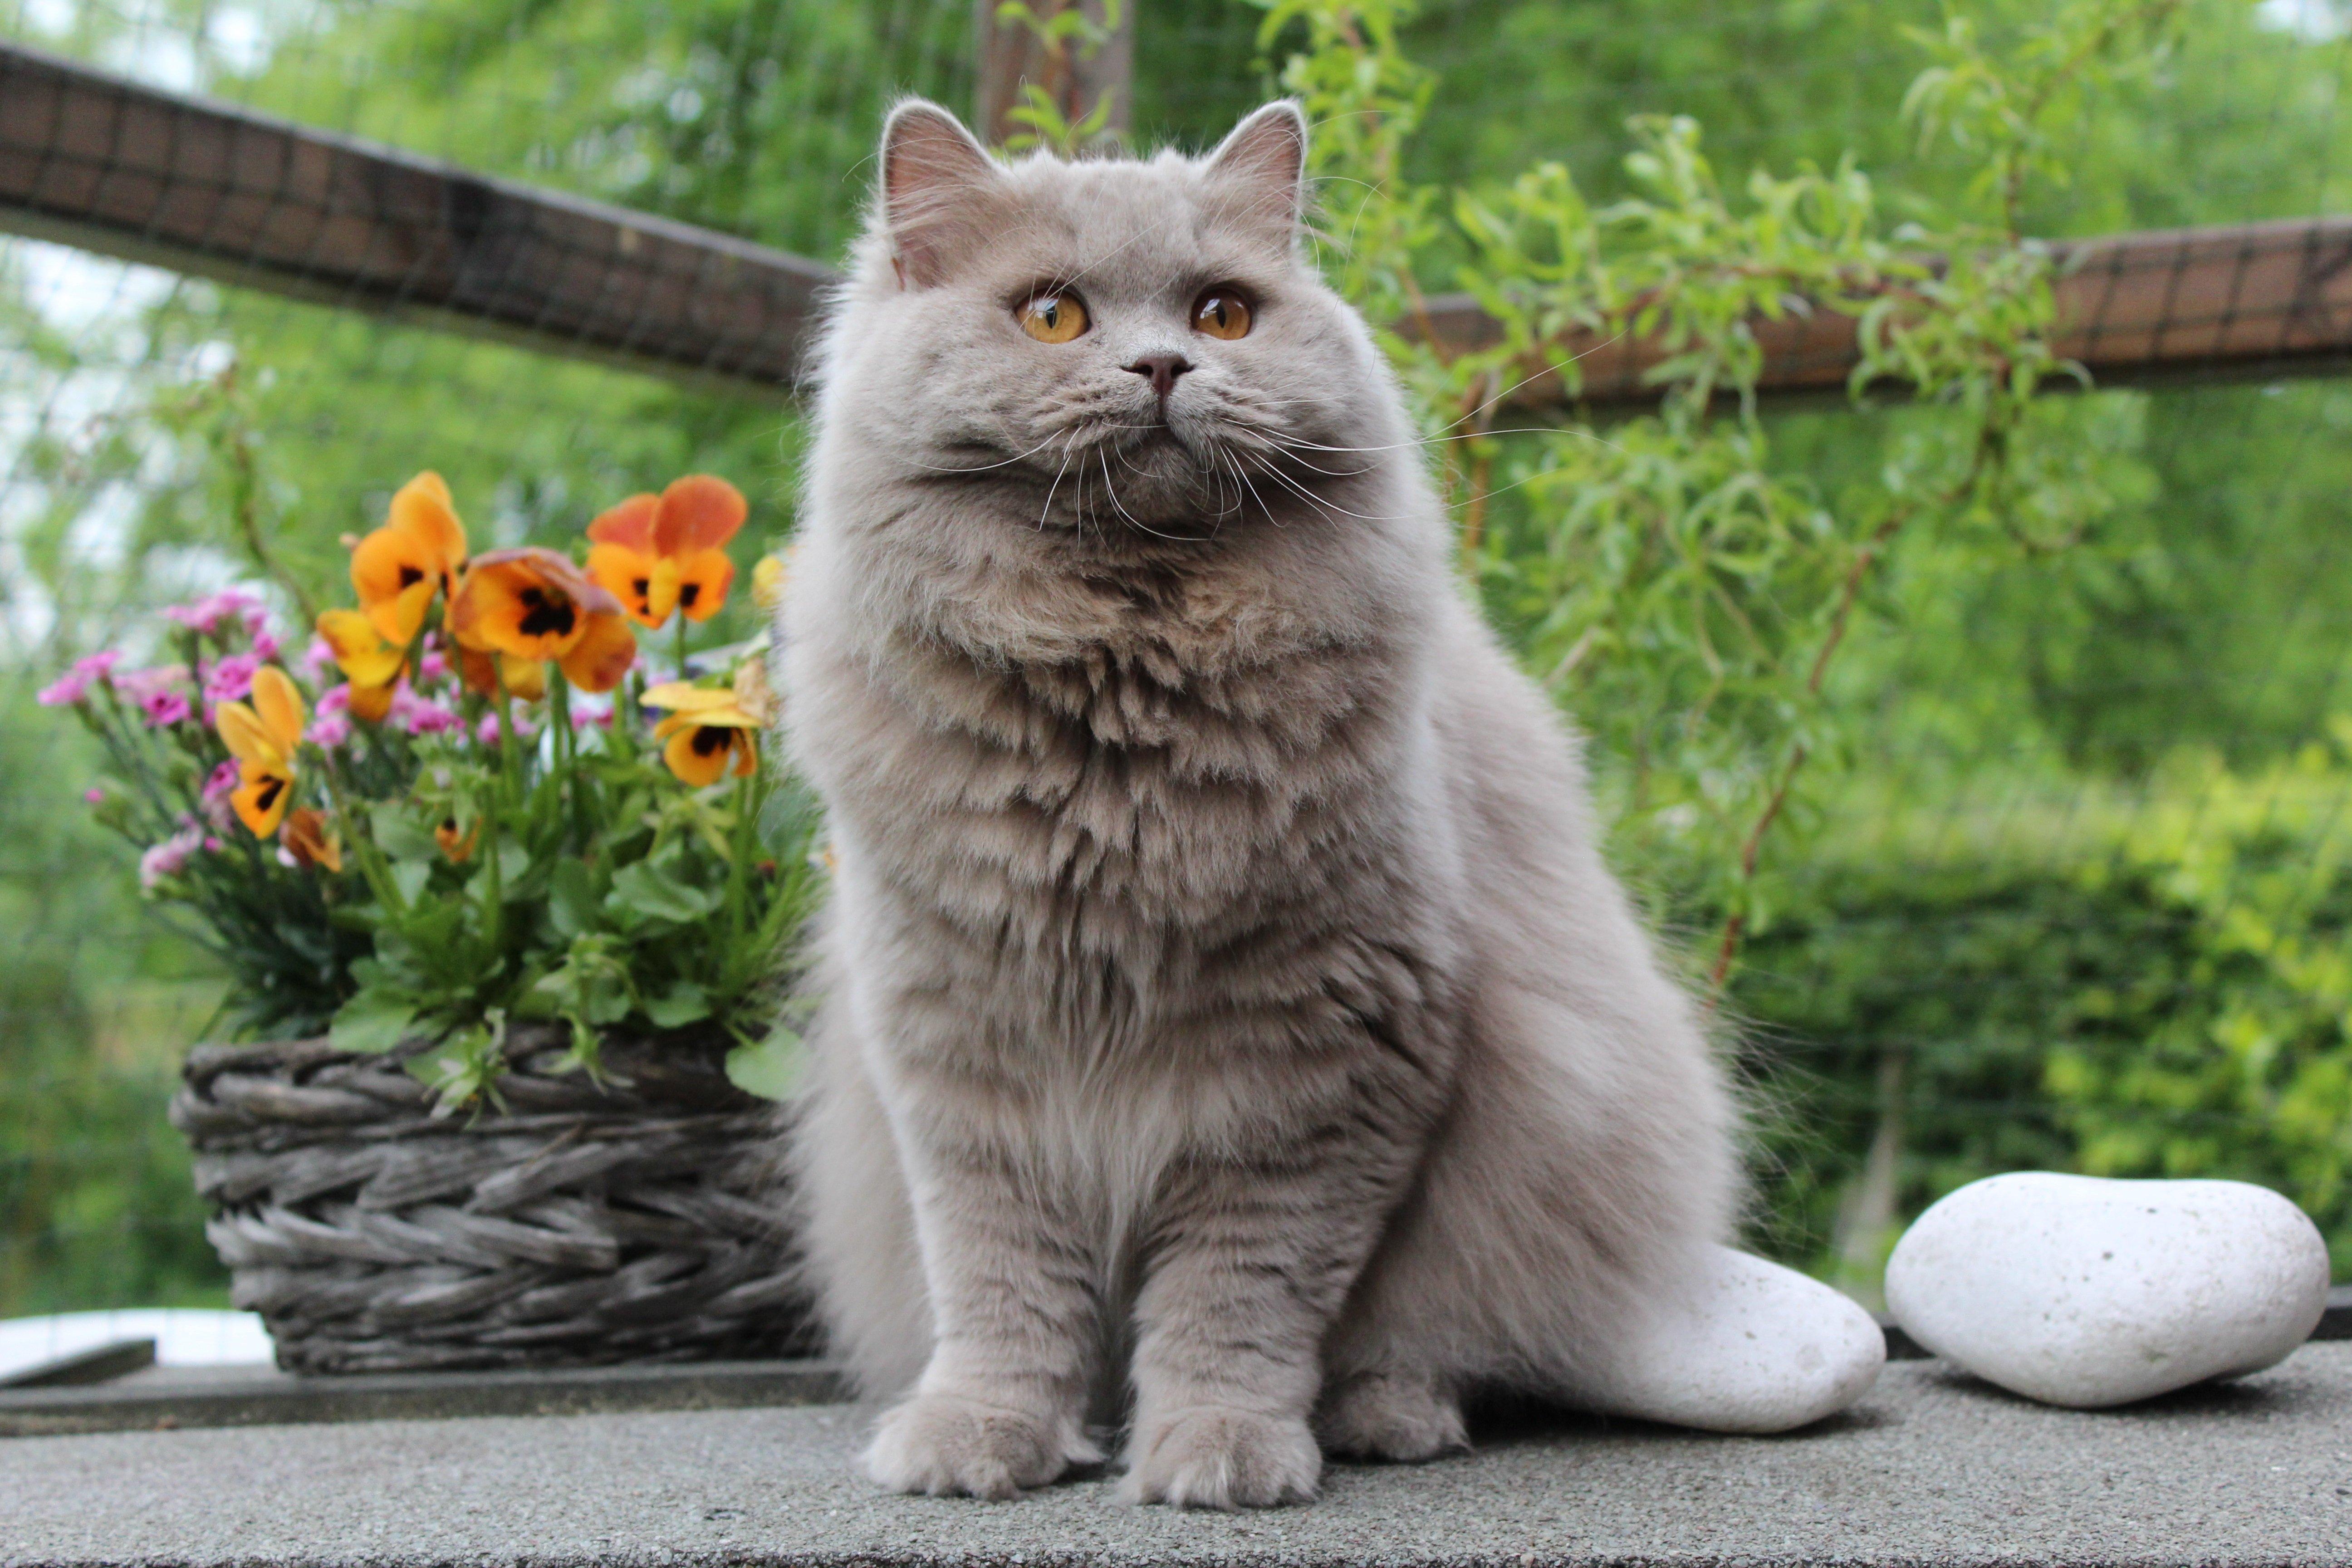 Fotos de razas de gatos mixtos de pelo largo británico